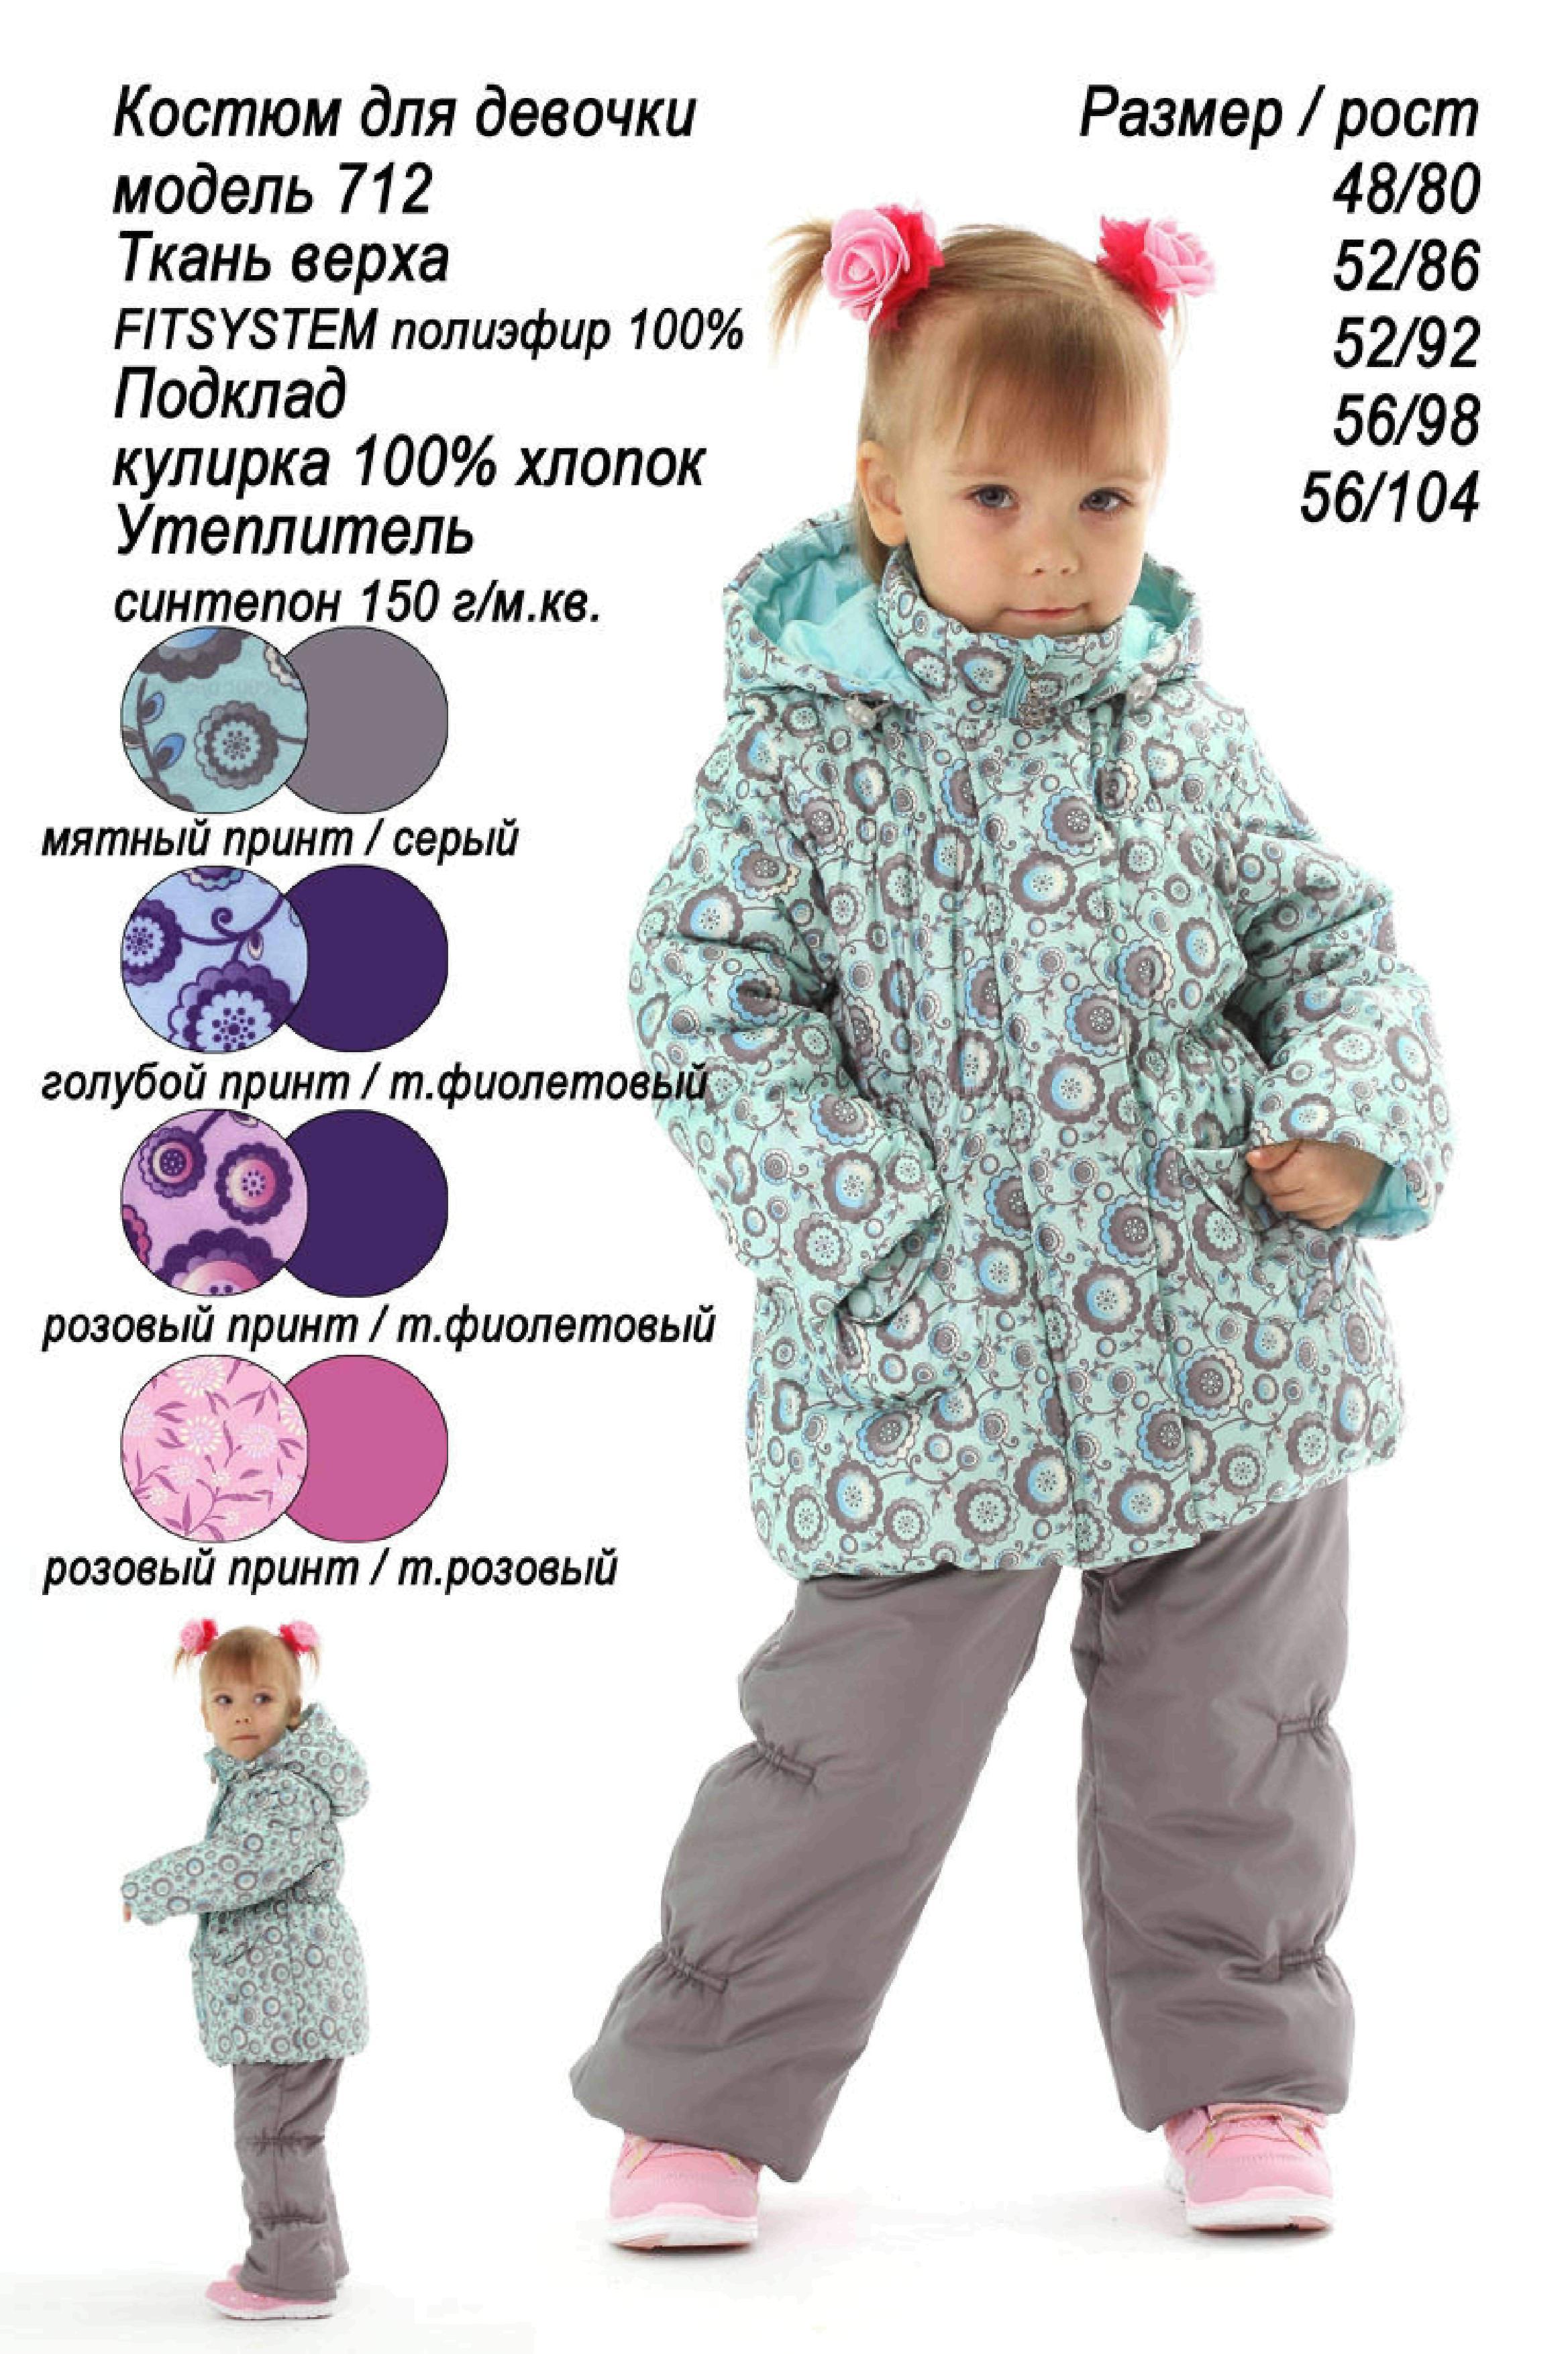 Сбор заказов. Верхняя одежда от российского производителя. Яркая, качественная,доступная, удобная. Есть мембрана.Без рядов.